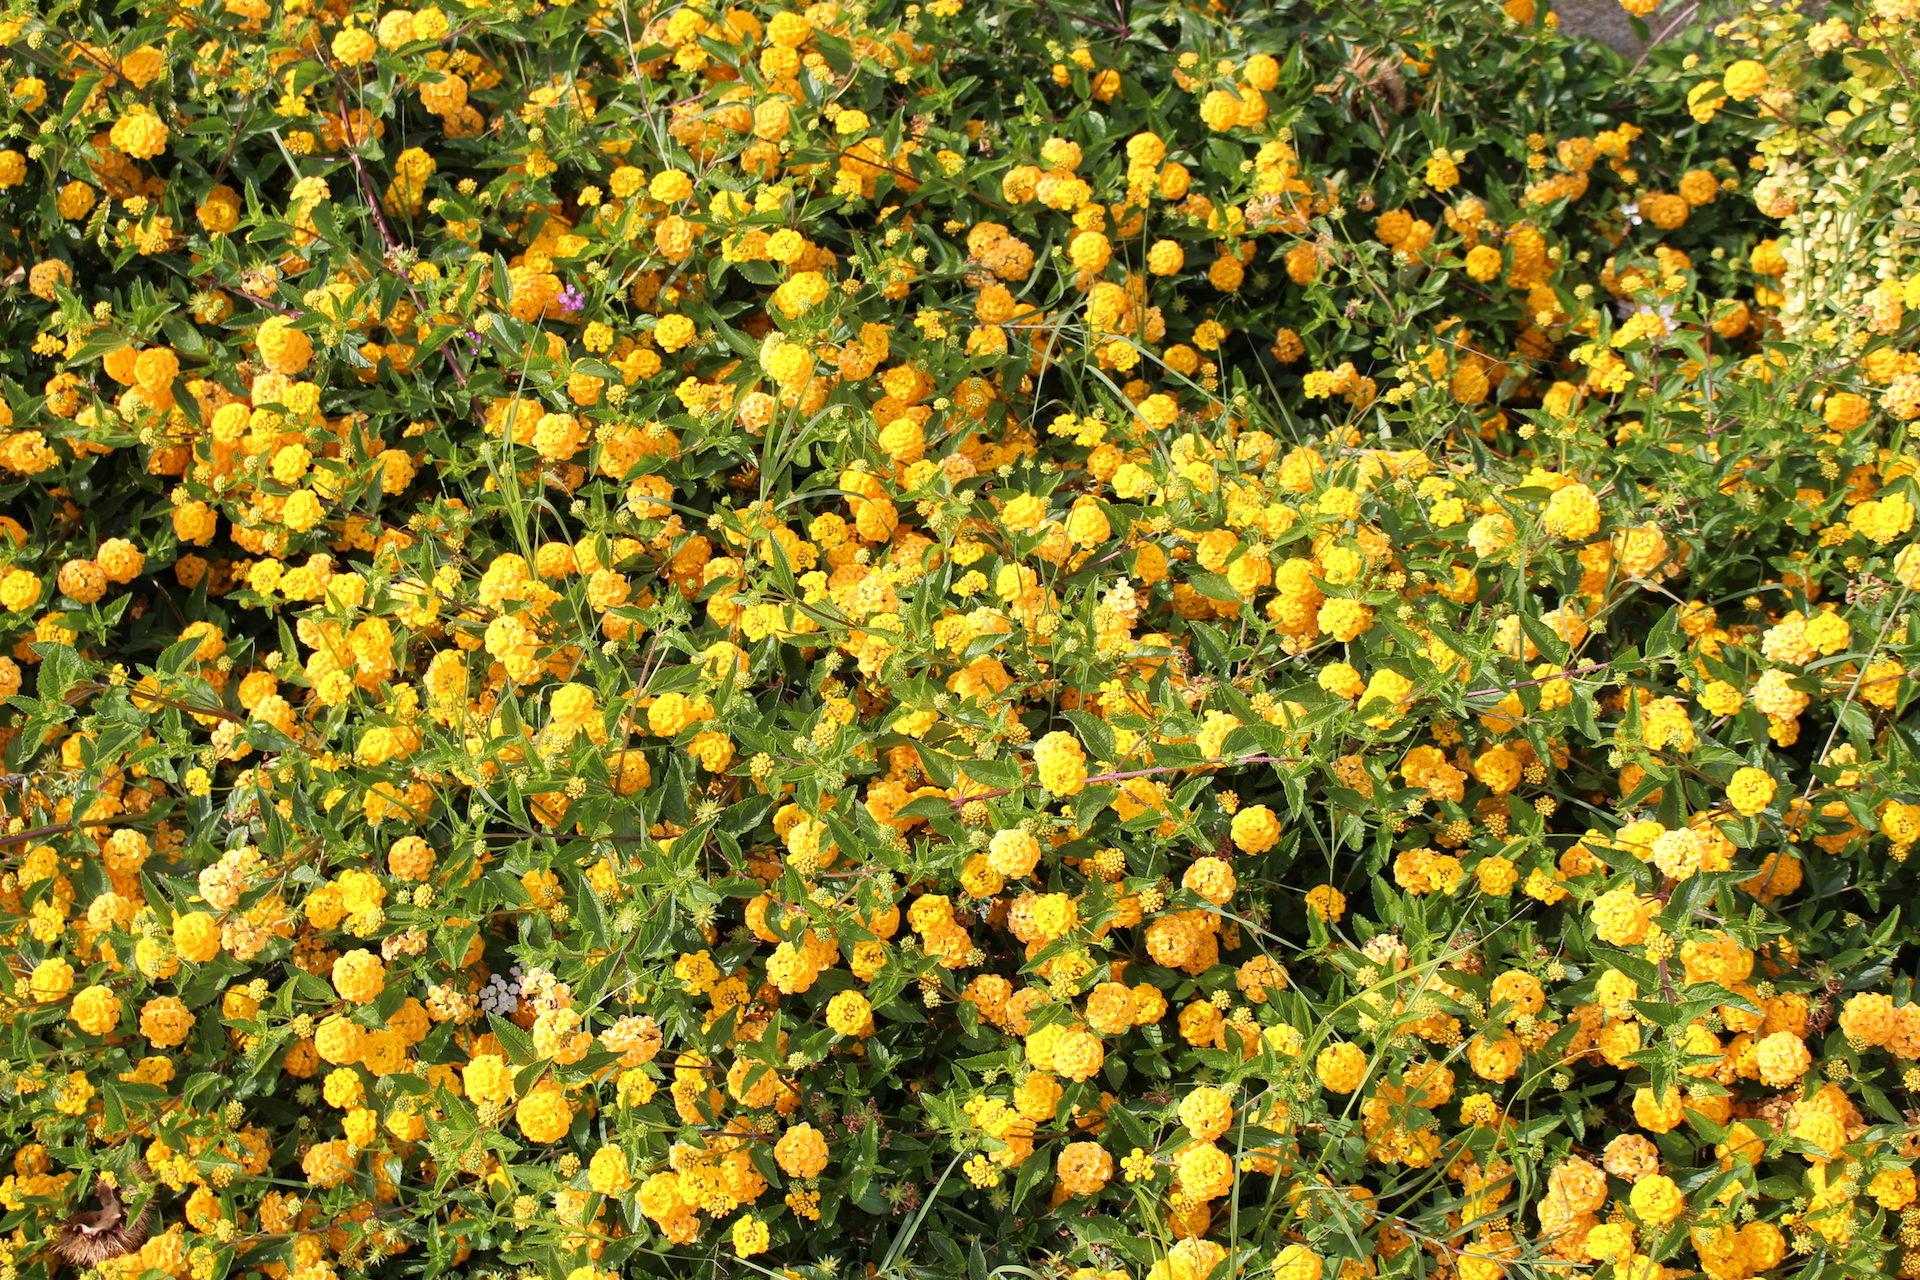 花, 植物, abundancia, ramos, 黄色 - 高清壁纸 - 教授-falken.com